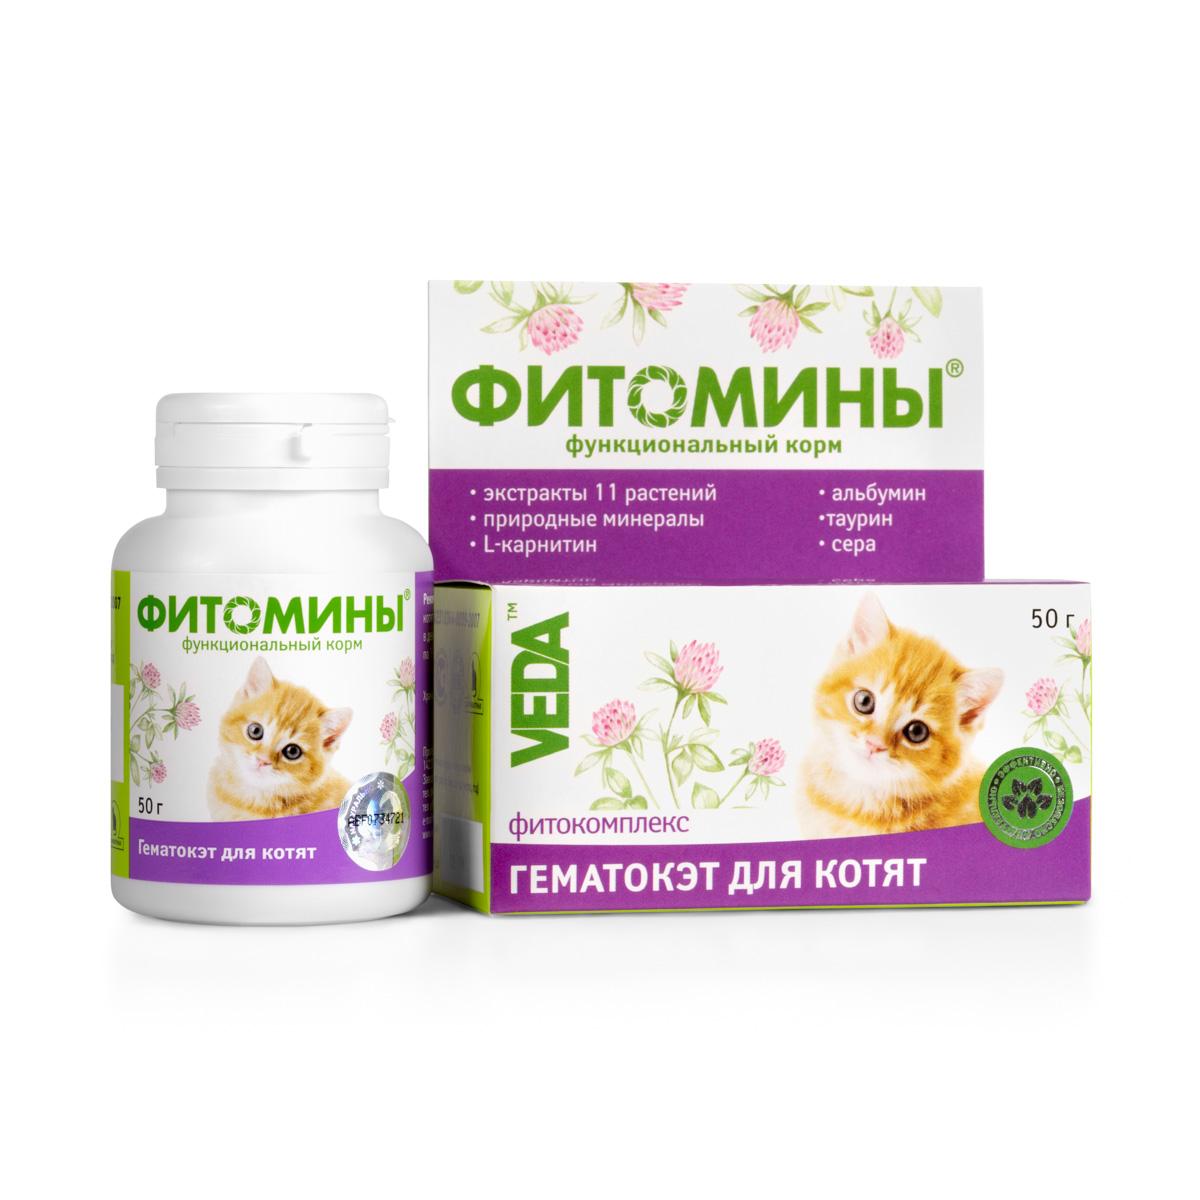 Корм функциональный для котят VEDA Фитомины. Гематокэт, 50 г4605543005824Корм функциональный для котят VEDA Фитомины. Гематокэт стимулирует кроветворение и способствует улучшению показателей крови, повышает сопротивляемость организма. Рекомендуется включать в рацион: молодым животным для ускорения роста и общего укрепления организма, взрослым животным при отказе от пищи и потере мышечной массы, после травм и хирургических операций с большой кровопотерей, ослабленным и больным животным в период вызоровления. Состав: лактоза; крахмал; дрожжи пивные; фитокомплекс: травы эхинацеи пурпурной, травы подмаренника, цветков лабазника вязолистного, травы зверобоя, почек березовых, почек сосны, цветов клевера, цветов кипрея, плодов шиповника, травы тысячелистника, корней и корневищ солодки; природный минеральный комплекс; паровая рыбная мука; гидролизат крови (альбумин); стеарат кальция; L-карнитин; таурин; сера. Товар сертифицирован.